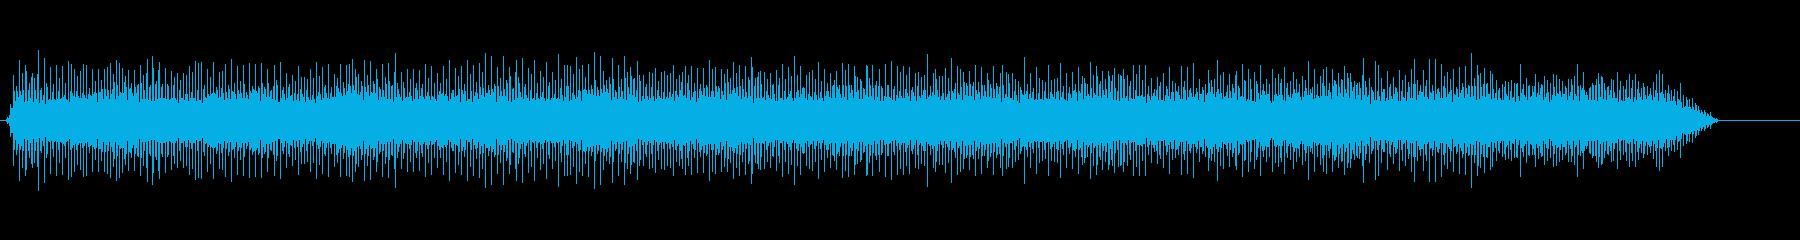 プレスキャリアプレスクリスタルコミ...の再生済みの波形